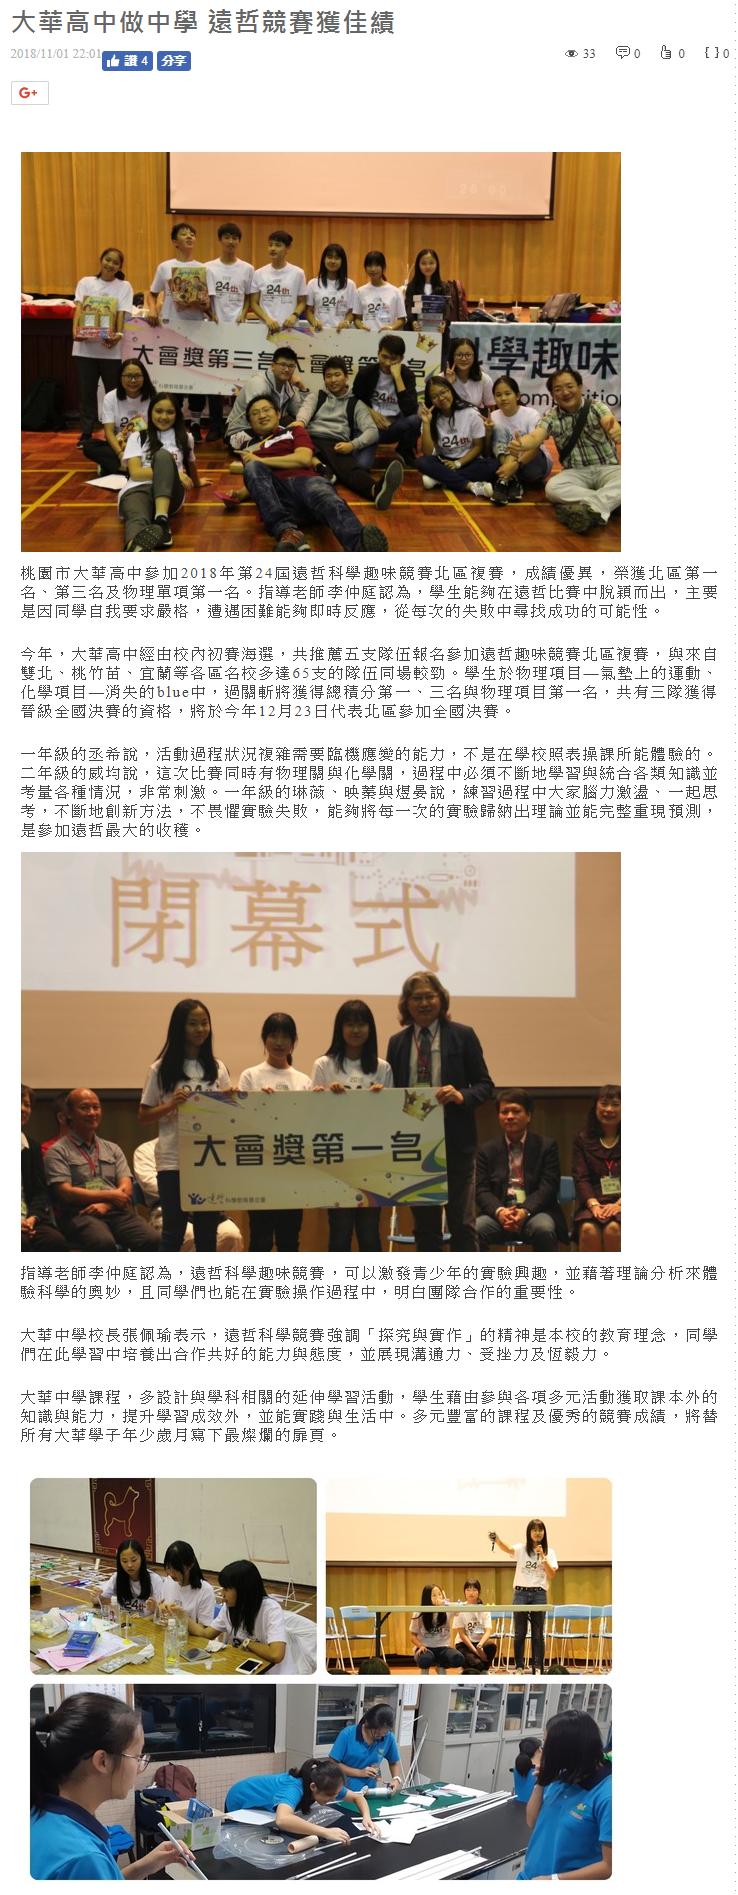 大華高中做中學 遠哲競賽獲佳績